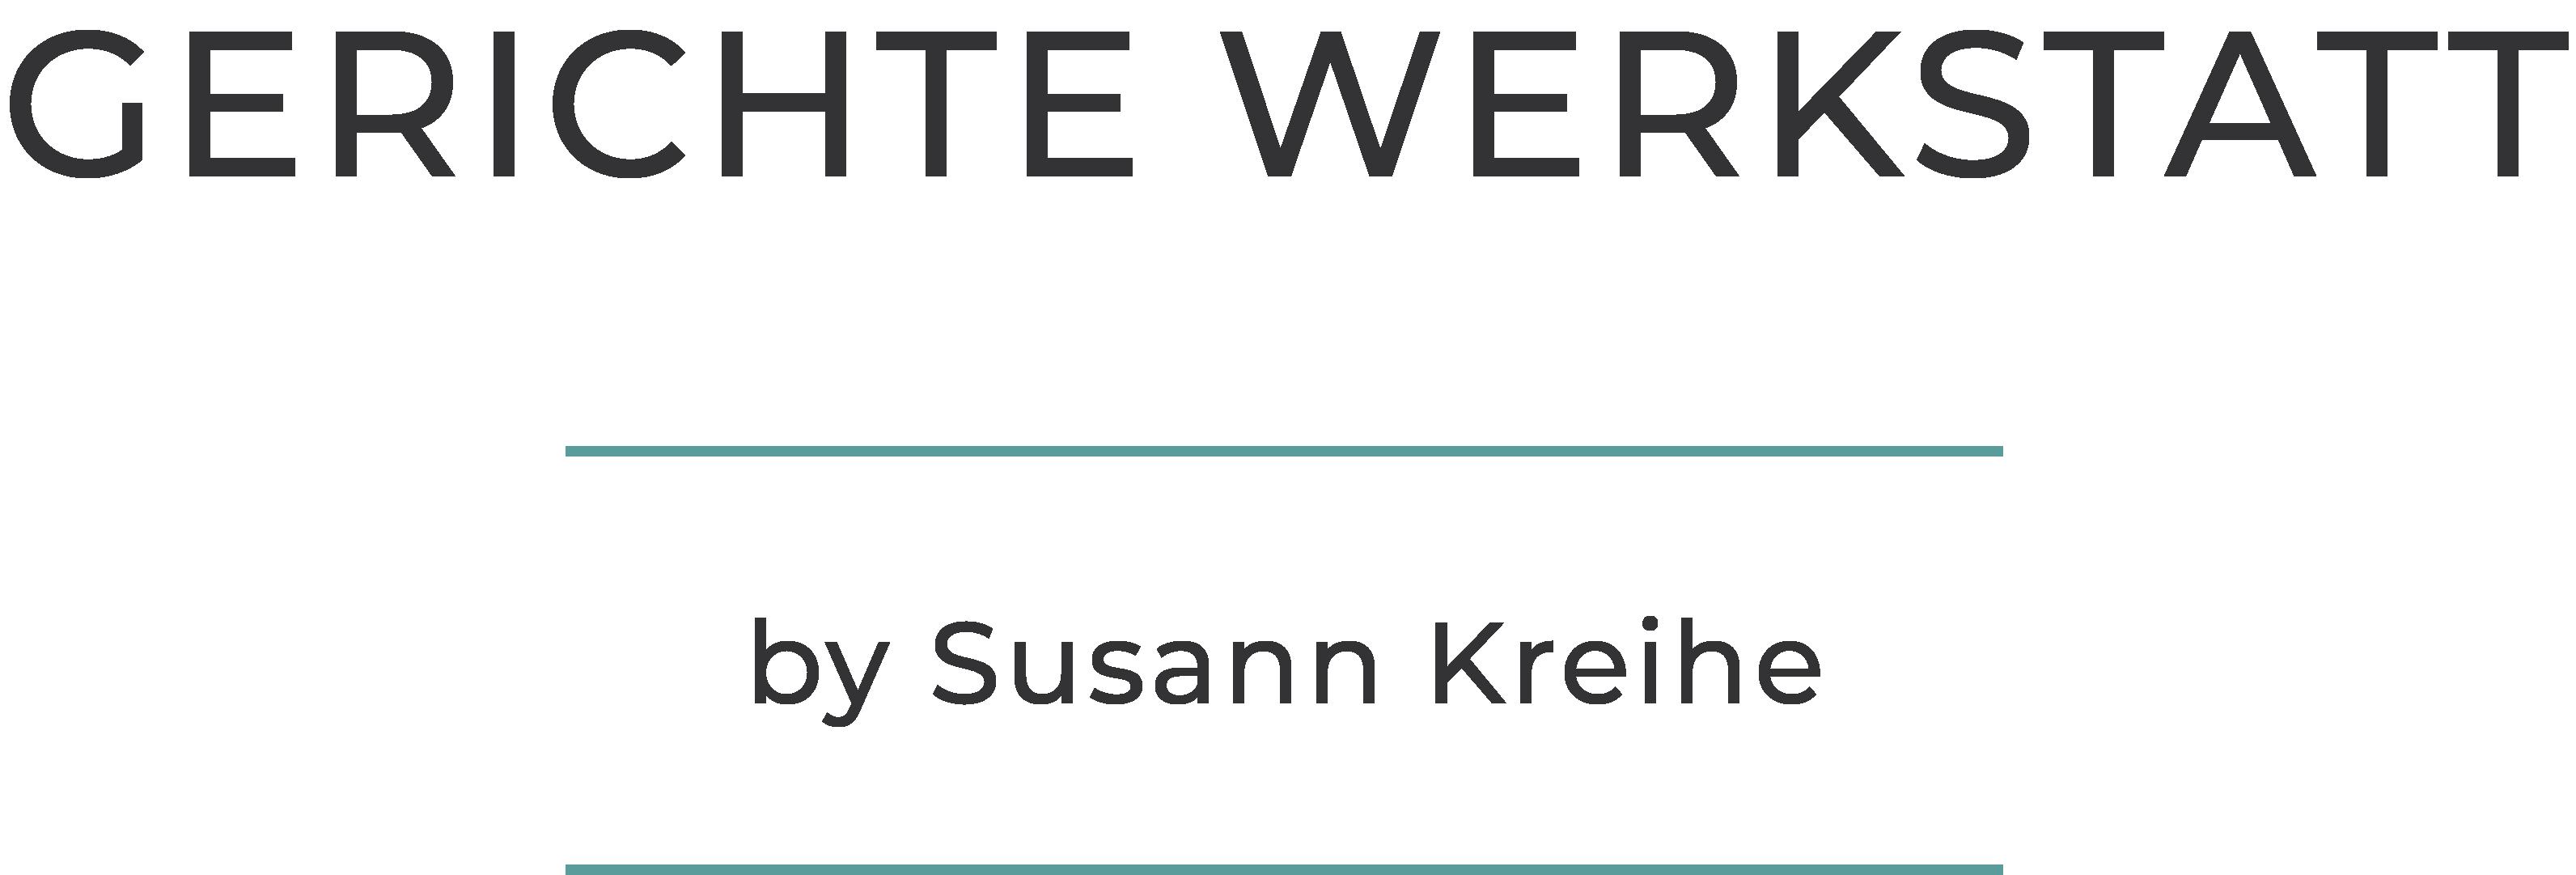 Gerichte Werkstatt by Susann Kreihe